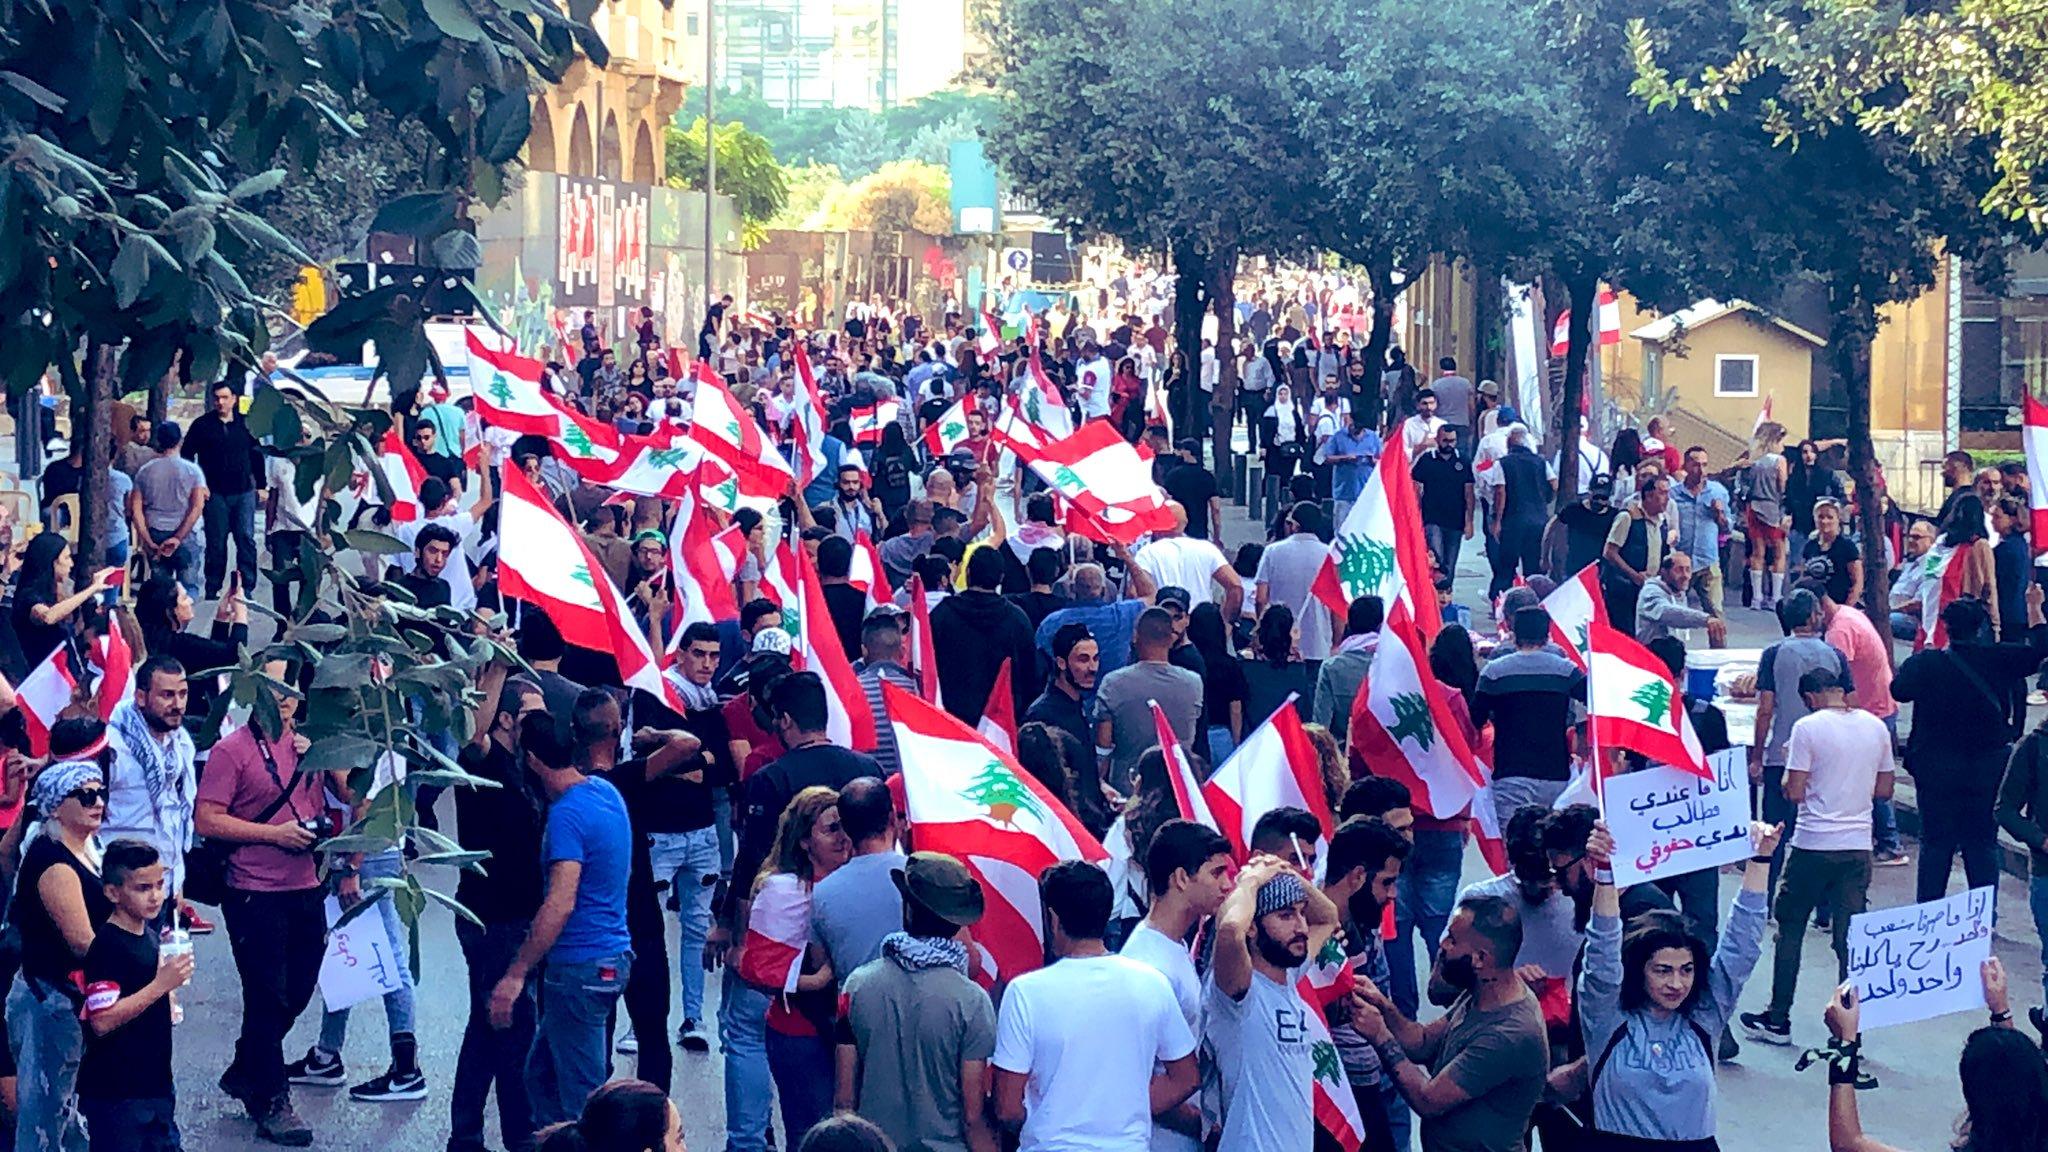 بدء توافد المحتجين الى ساحة العلم  ودوار ايليا ورياض الصلح وساحة النور